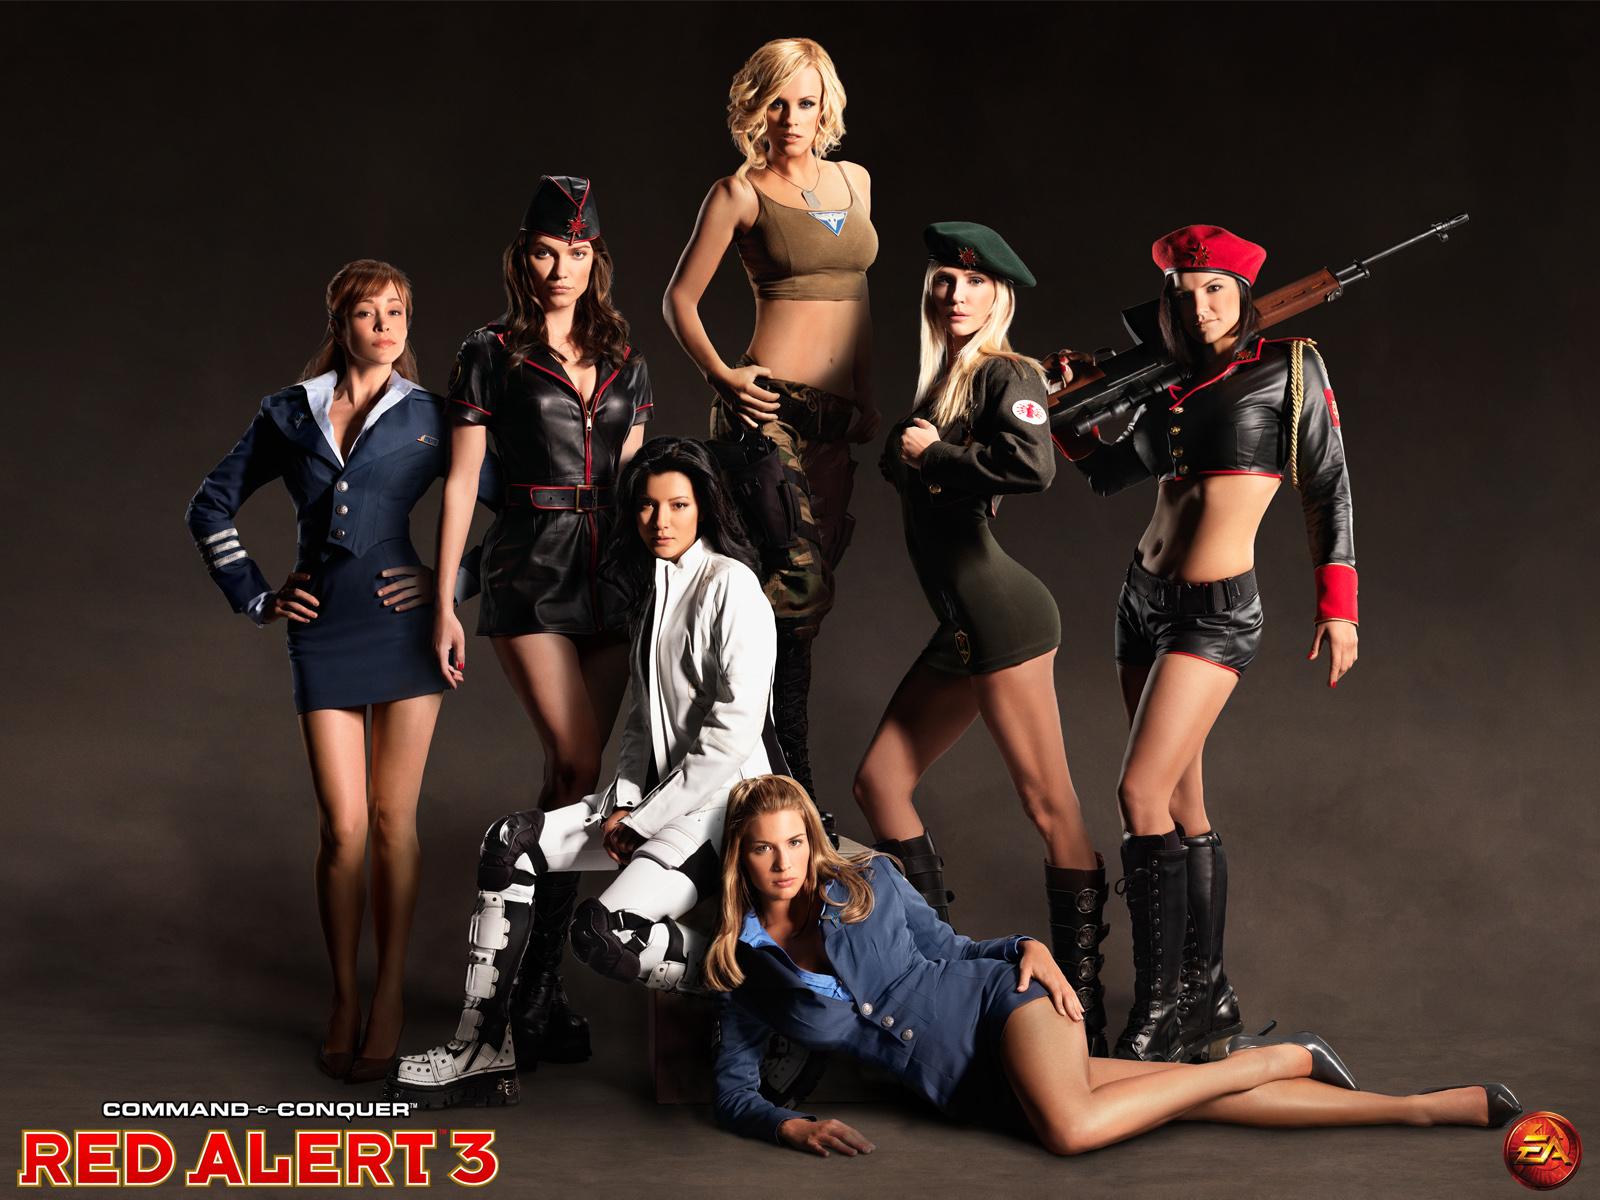 http://4.bp.blogspot.com/-08i4YMOz-9s/TiR28DSd--I/AAAAAAAAH24/KMxD-m4cpn0/s1600/Red%2BAlert%2BGirls.jpg